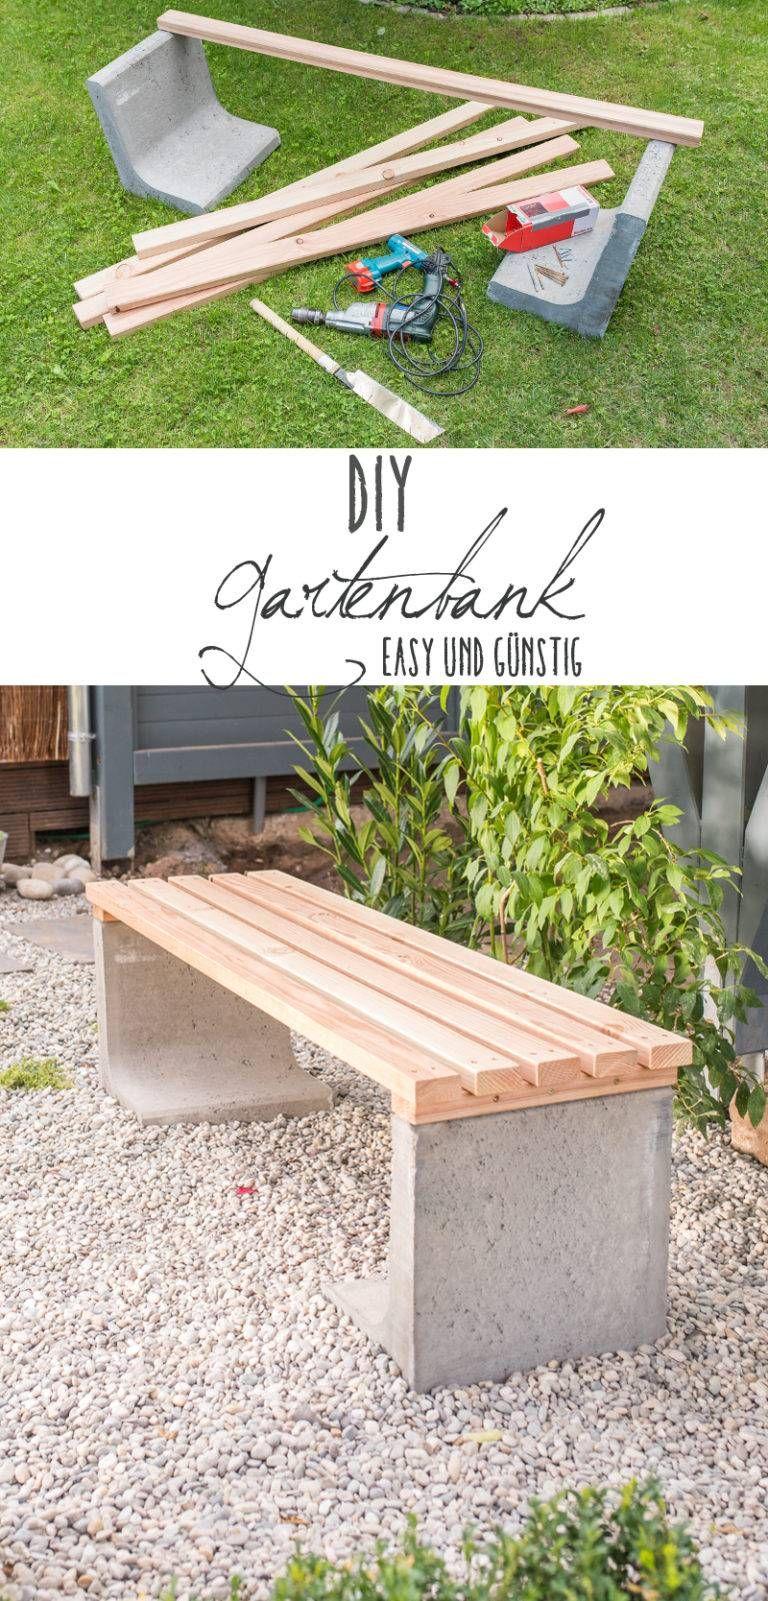 DIY - Gartenbank mit Beton und Holz #diyoutdoorprojects